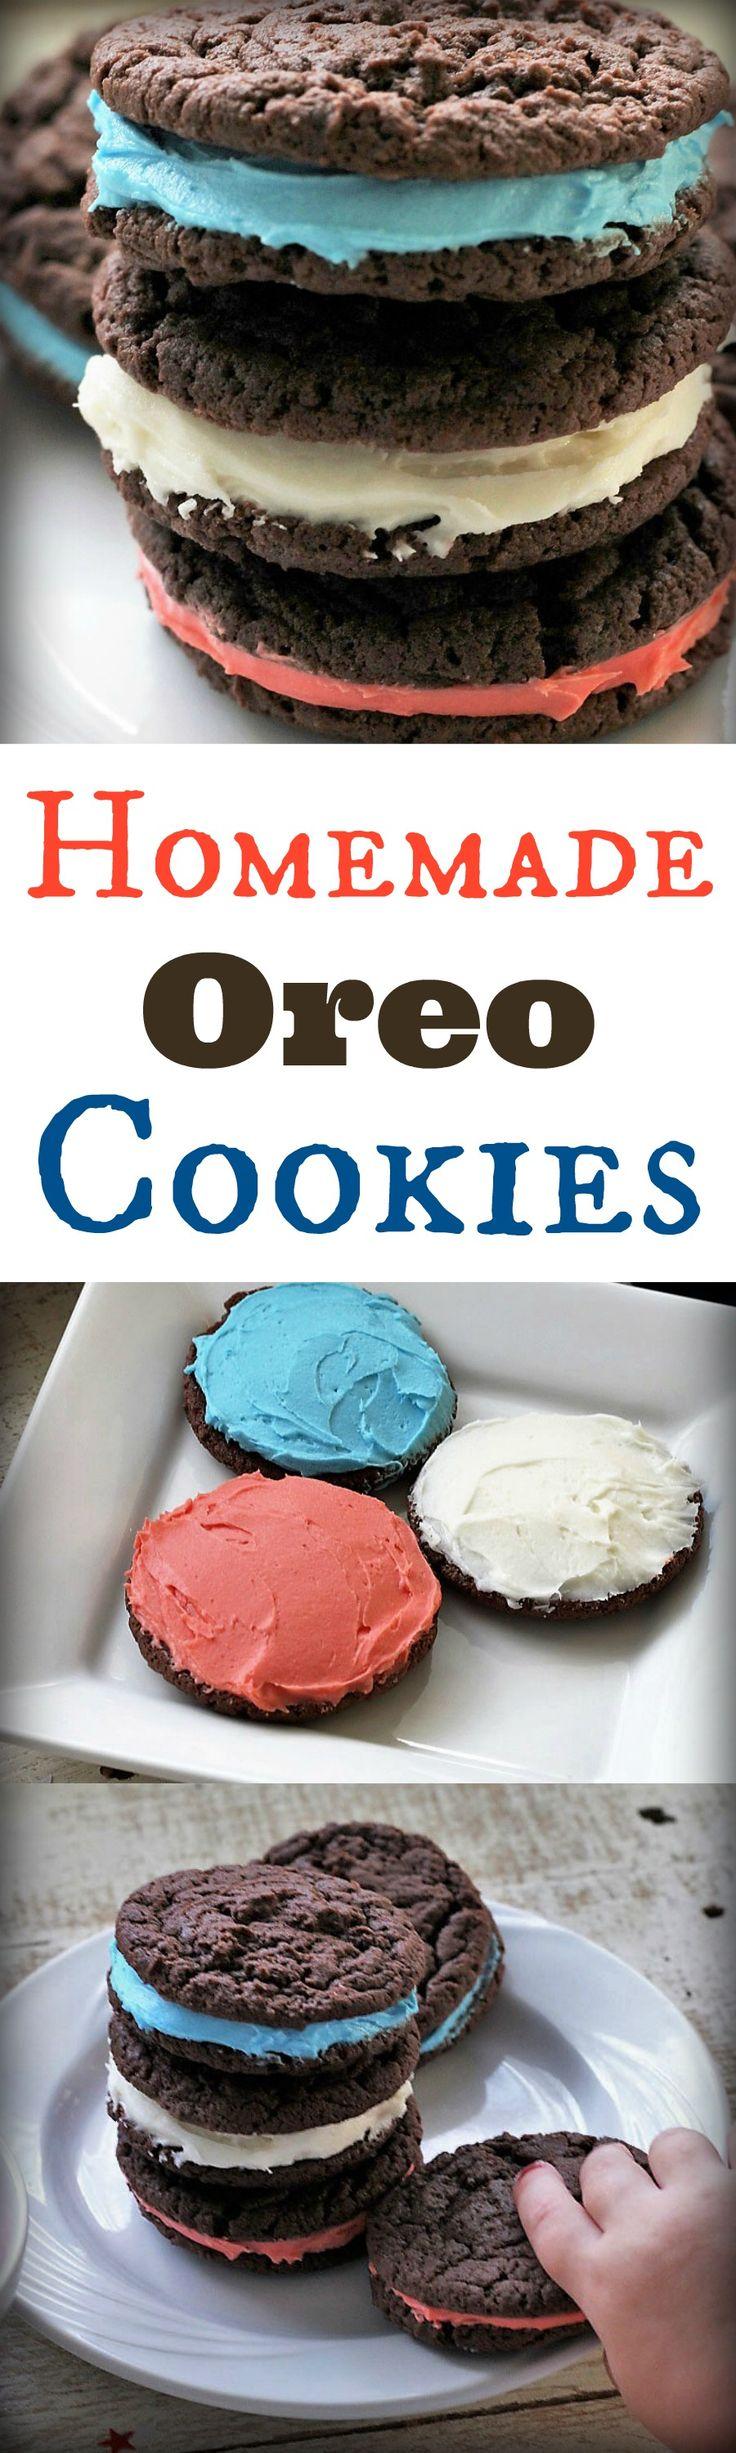 Homemade Oreo Cookies, Recipe Treasures Blog